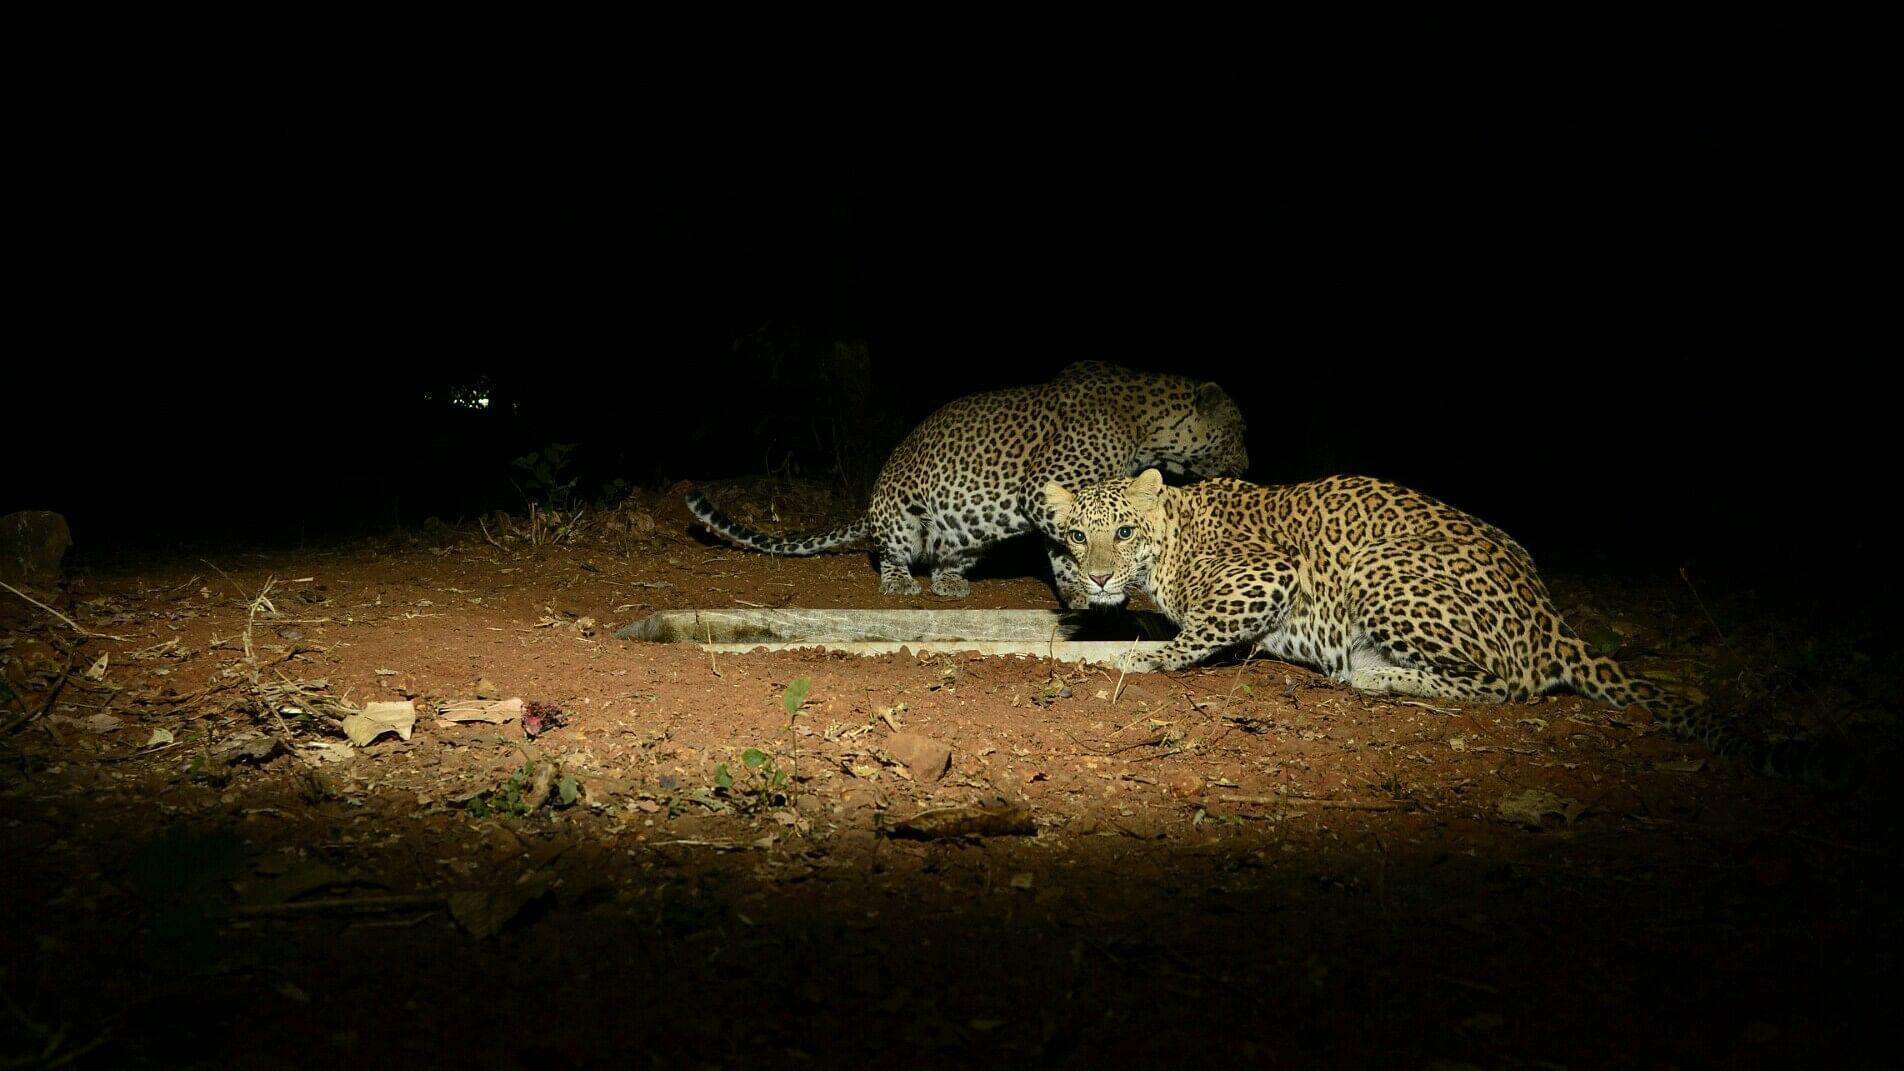 A shot of two leopards taken in SGNP Mumbai using DSLR camera trap. (Source: Facebook/Ranjeet Jadhav)